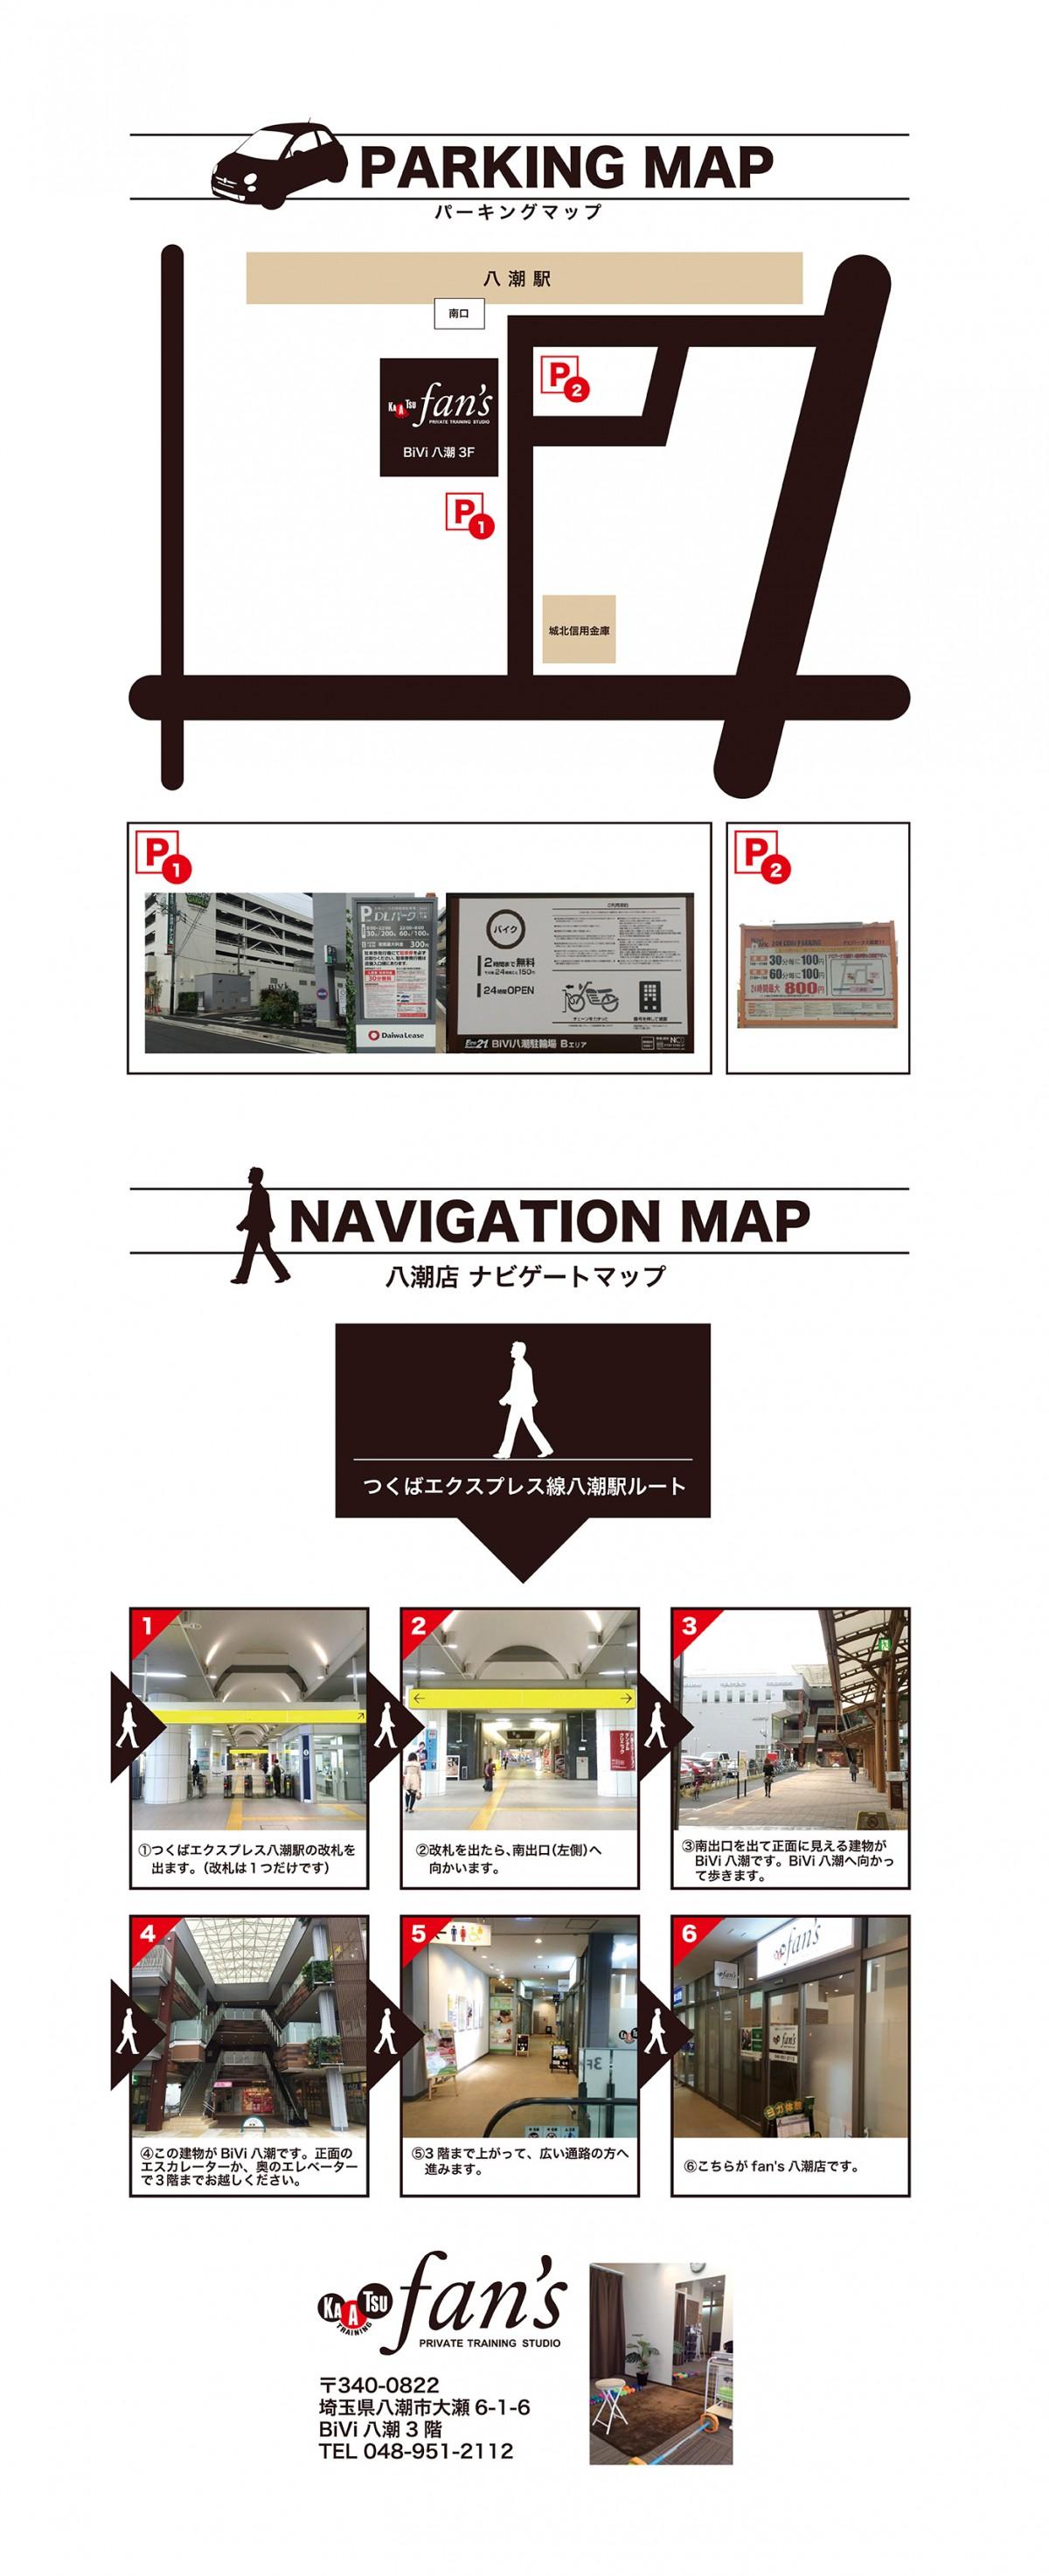 fan's八潮店パーキングマップ